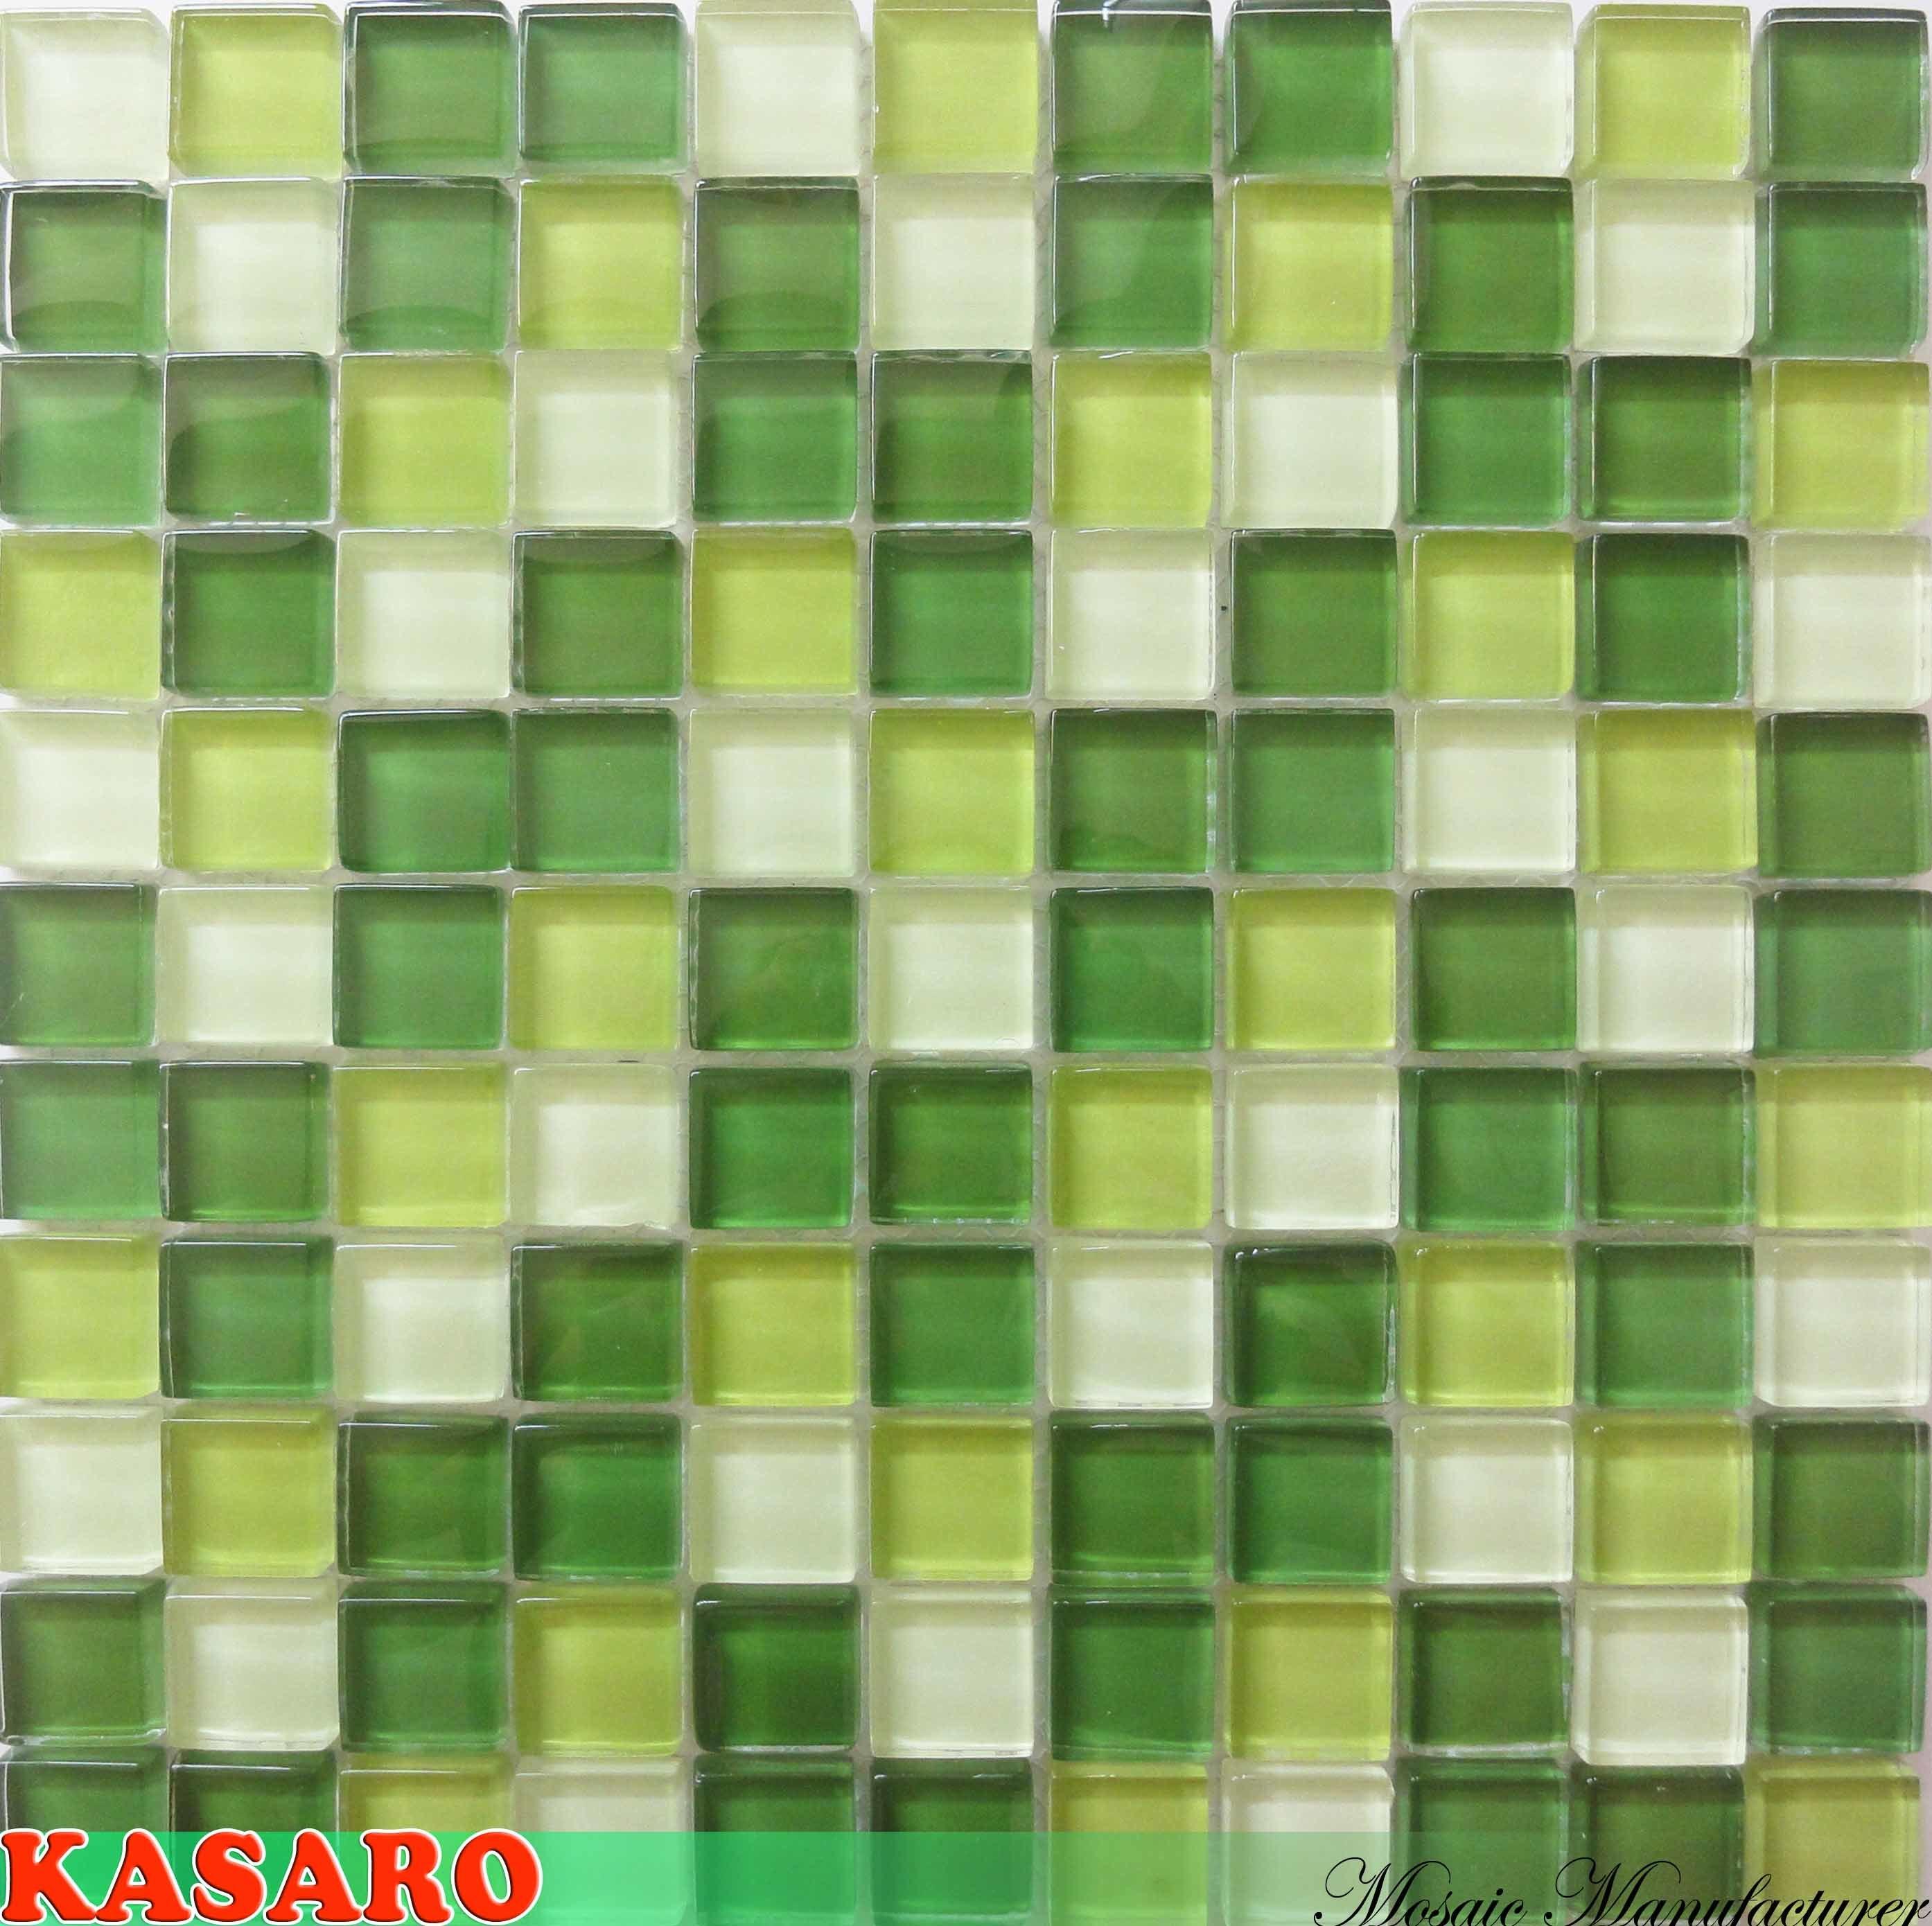 azulejo de la pared interior del mosaico de los verdes ksl u azulejo de la pared interior del mosaico de los verdes ksl por